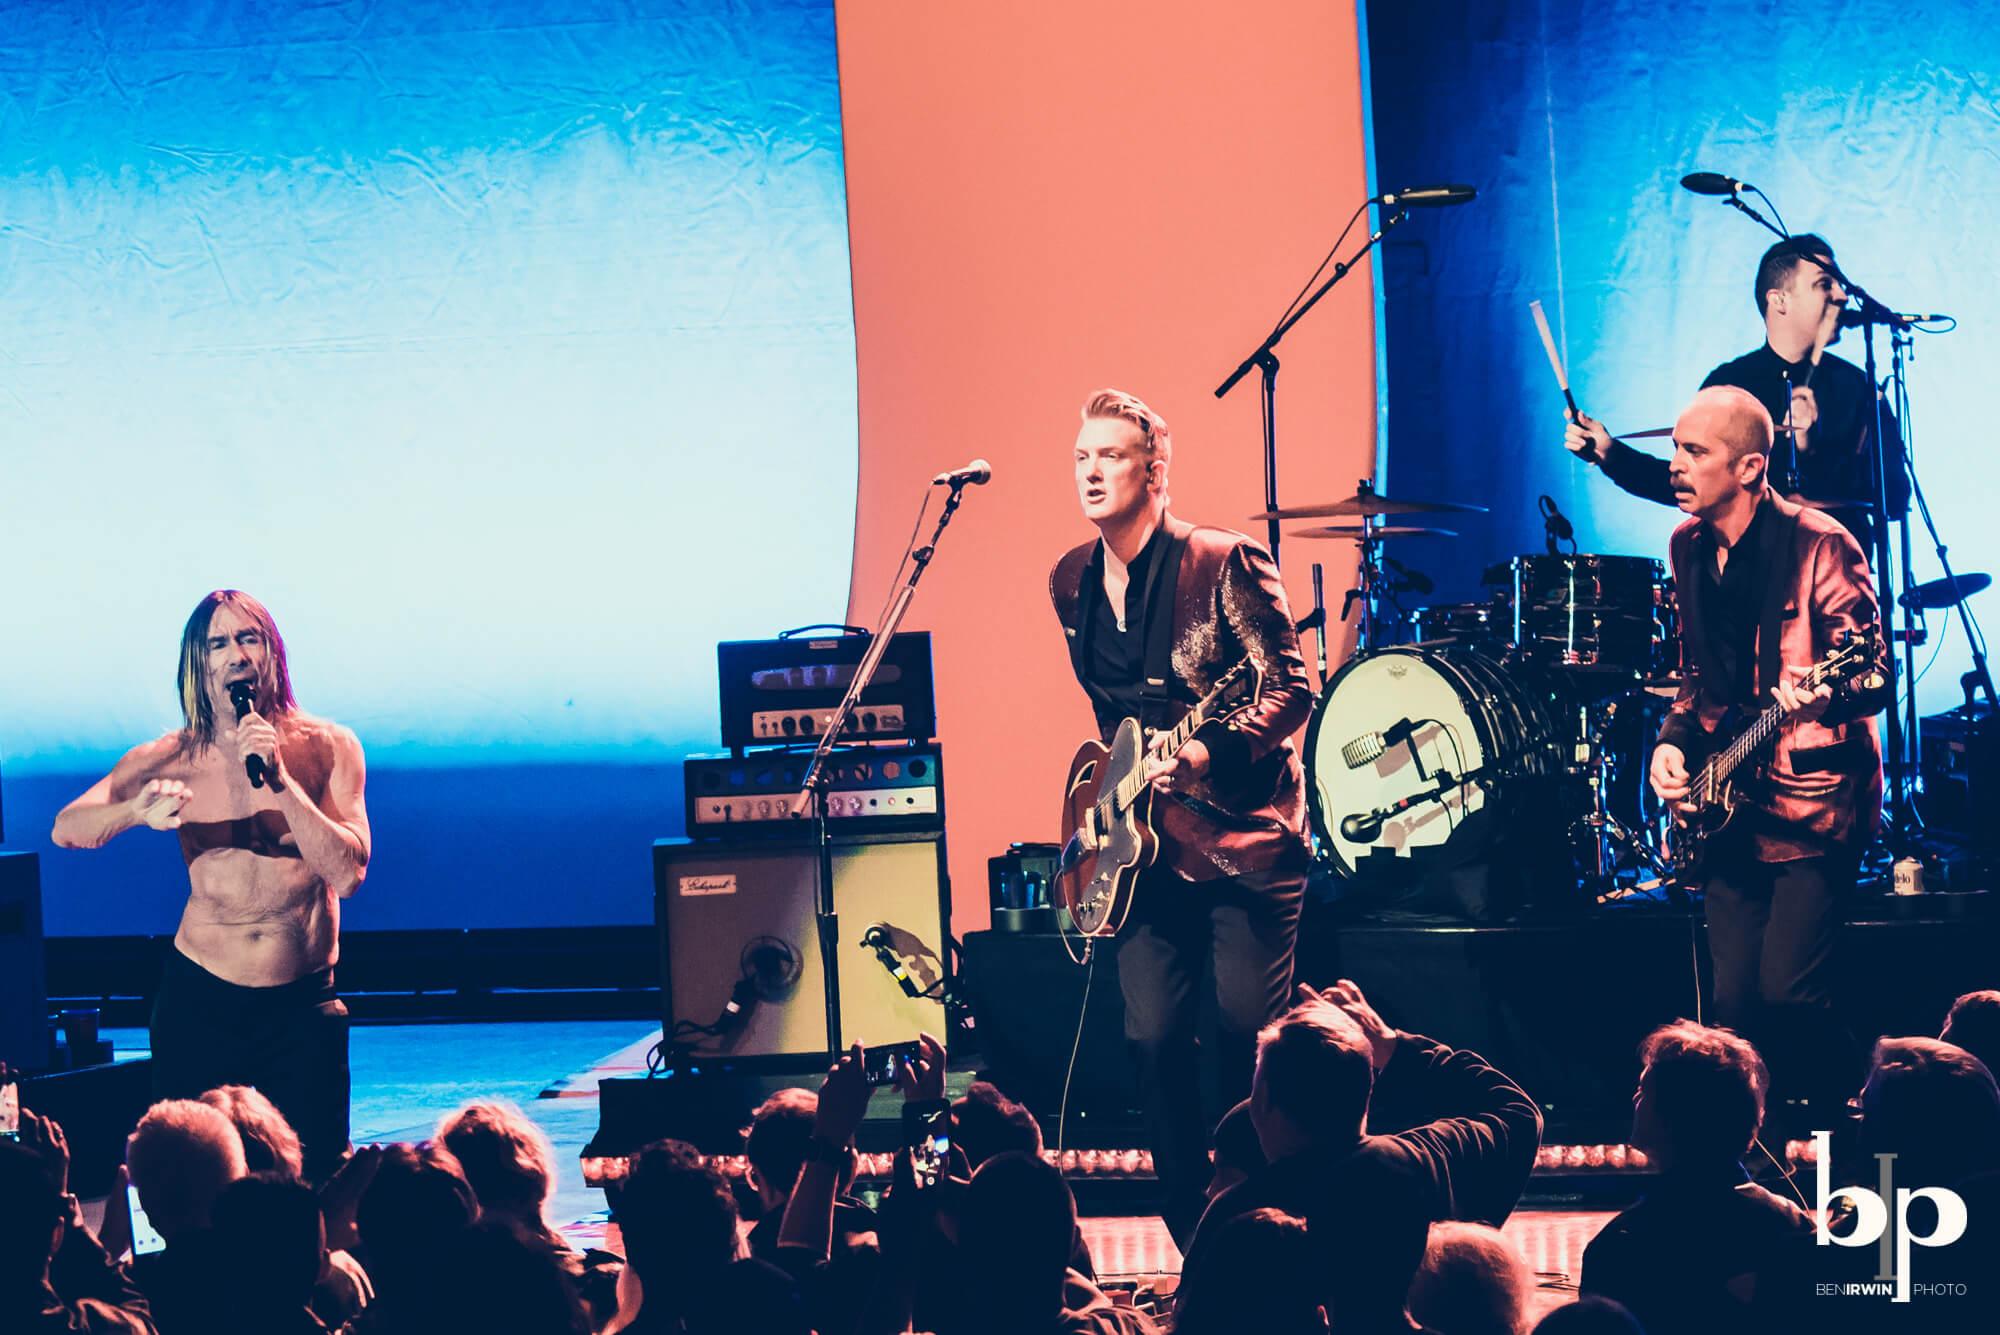 Iggy Pop - Josh Homme - bill callahan - Greek LA - 4-28-16_BI5287